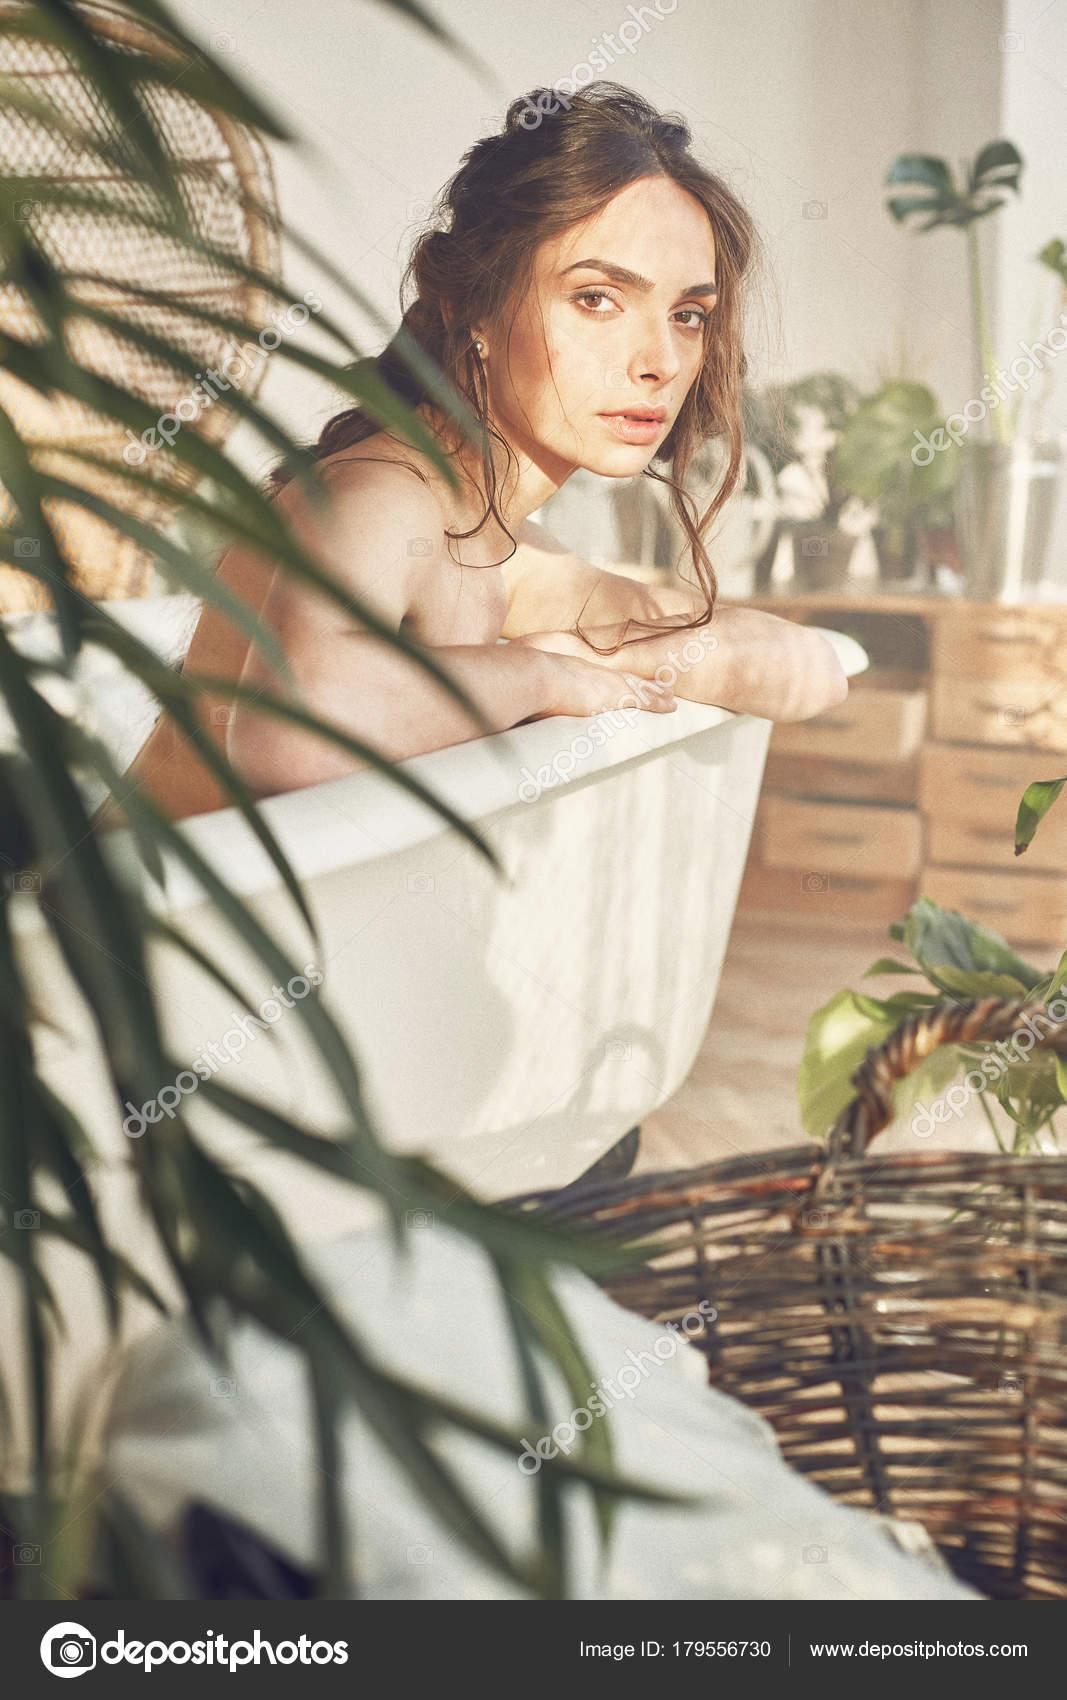 Όμορφες νέες γυμνές φωτογραφίες